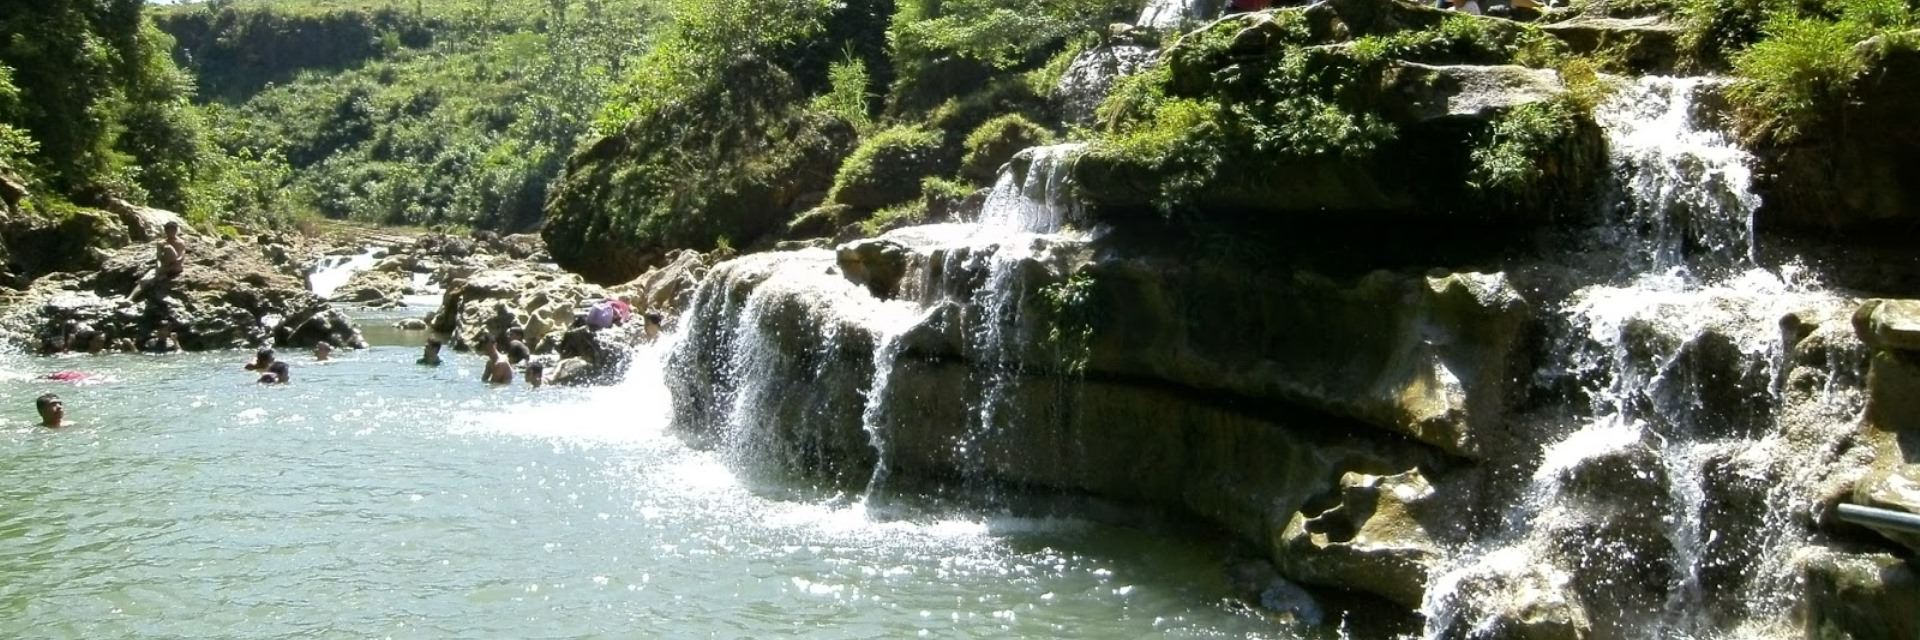 10 air terjun ter hits di yogyakarta awas terkesima akan for Terrace yogyakarta